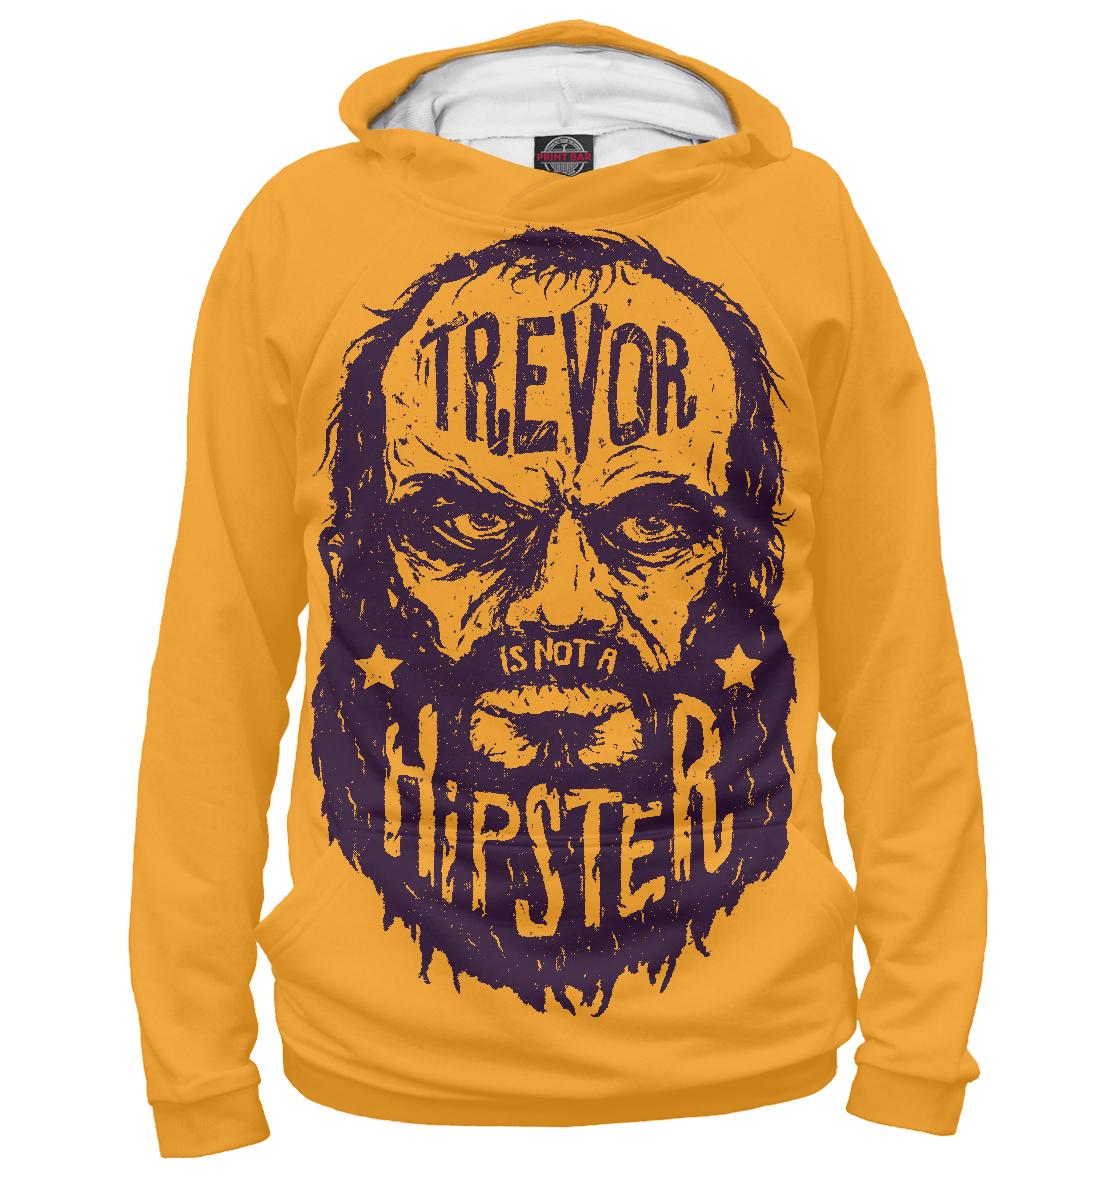 Купить Тревор не хипстер, Printbar, Худи, HIP-796339-hud-1